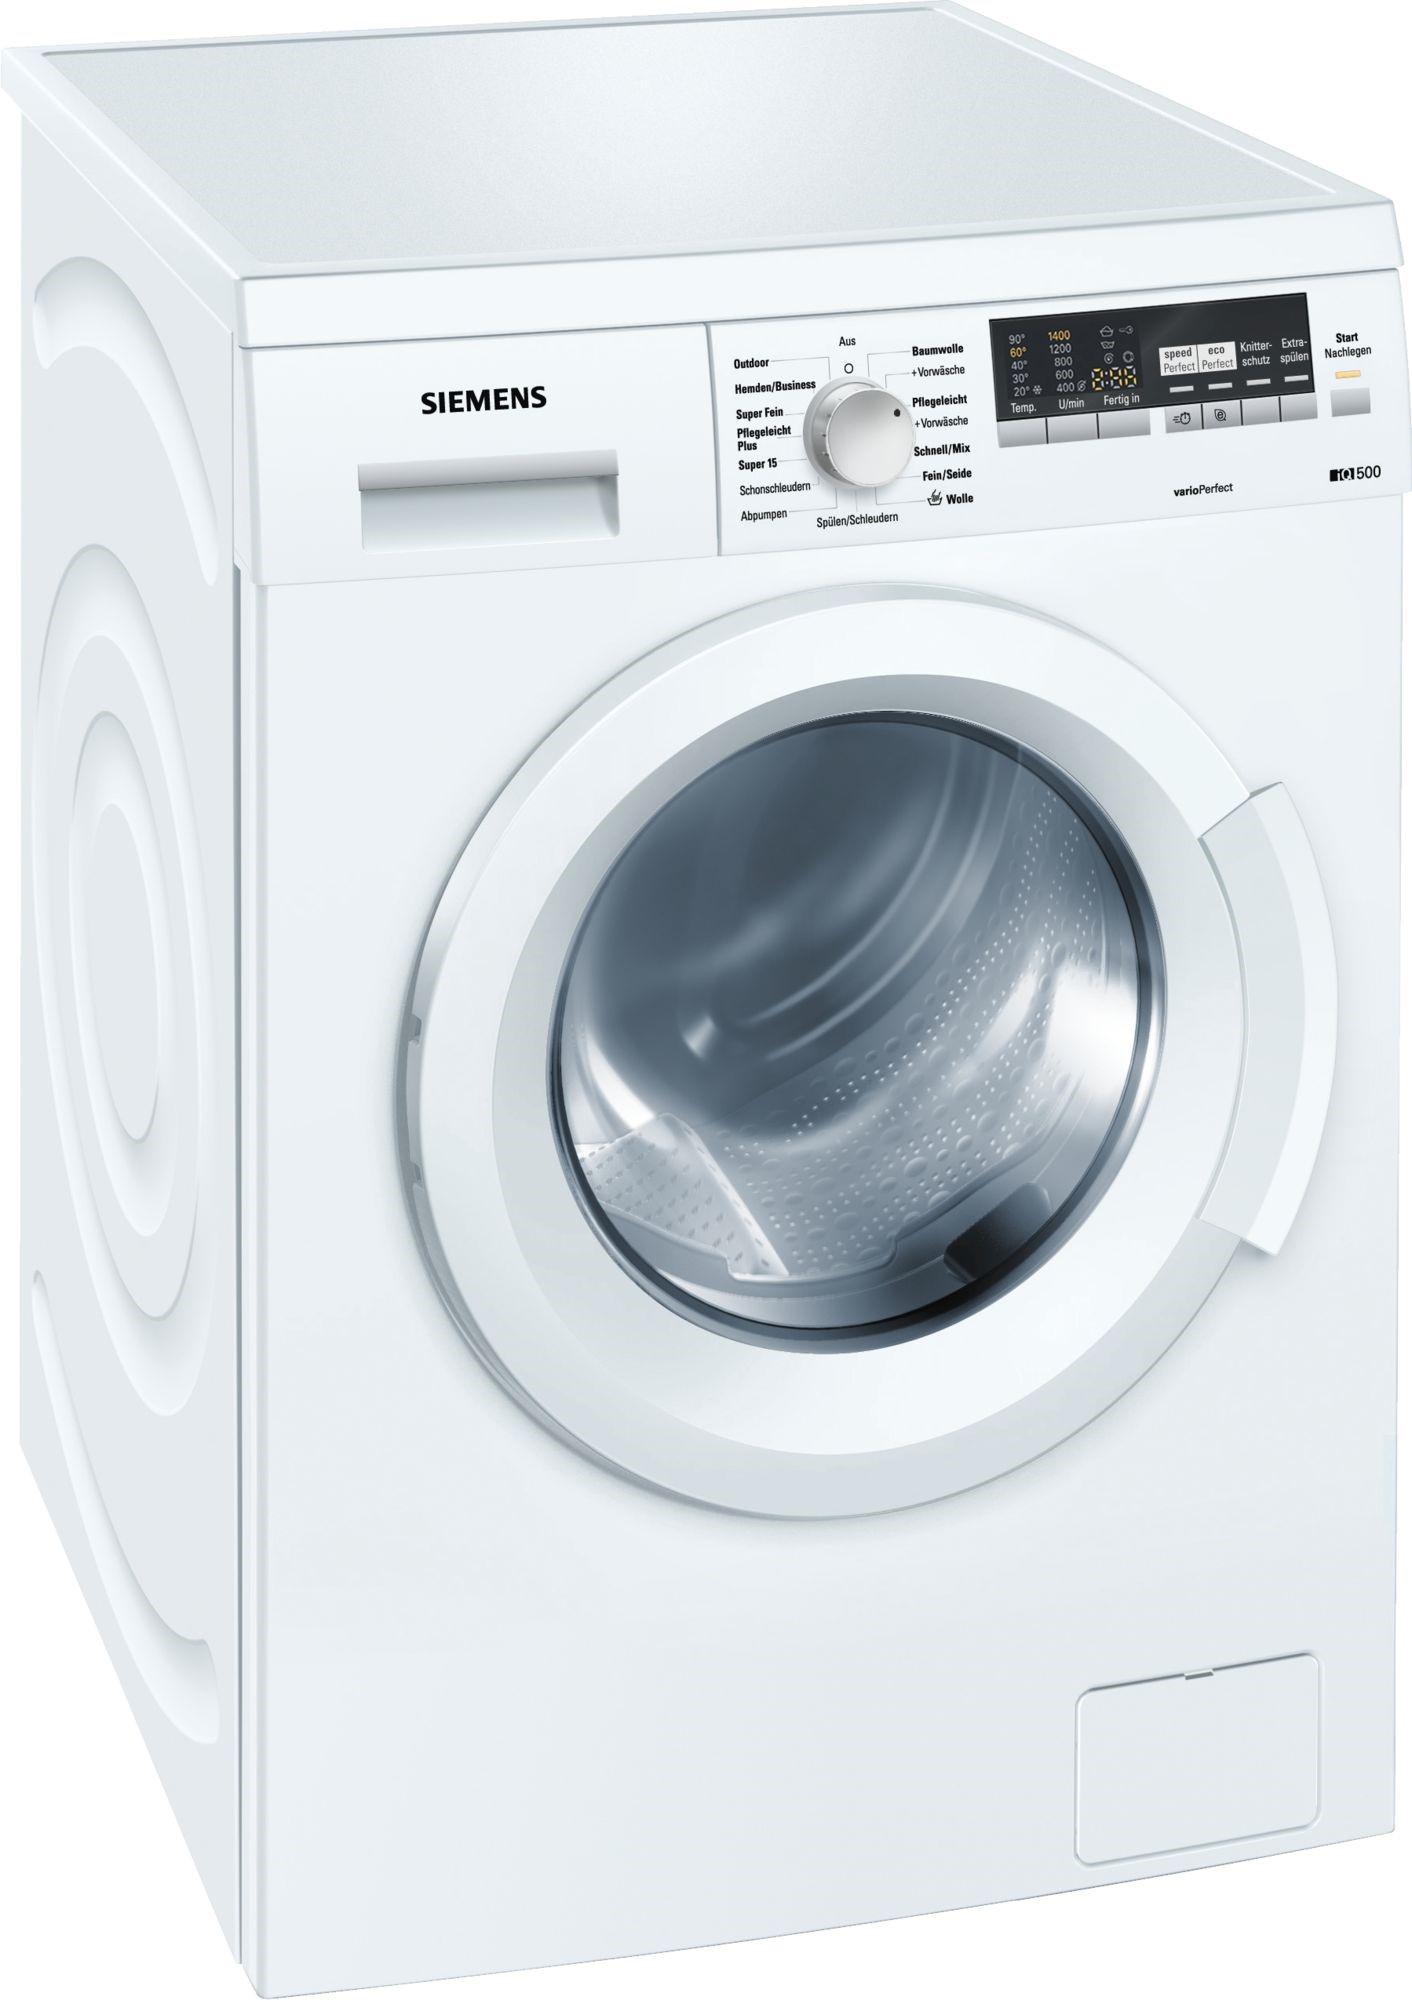 инструкция для стиральных машин сименс